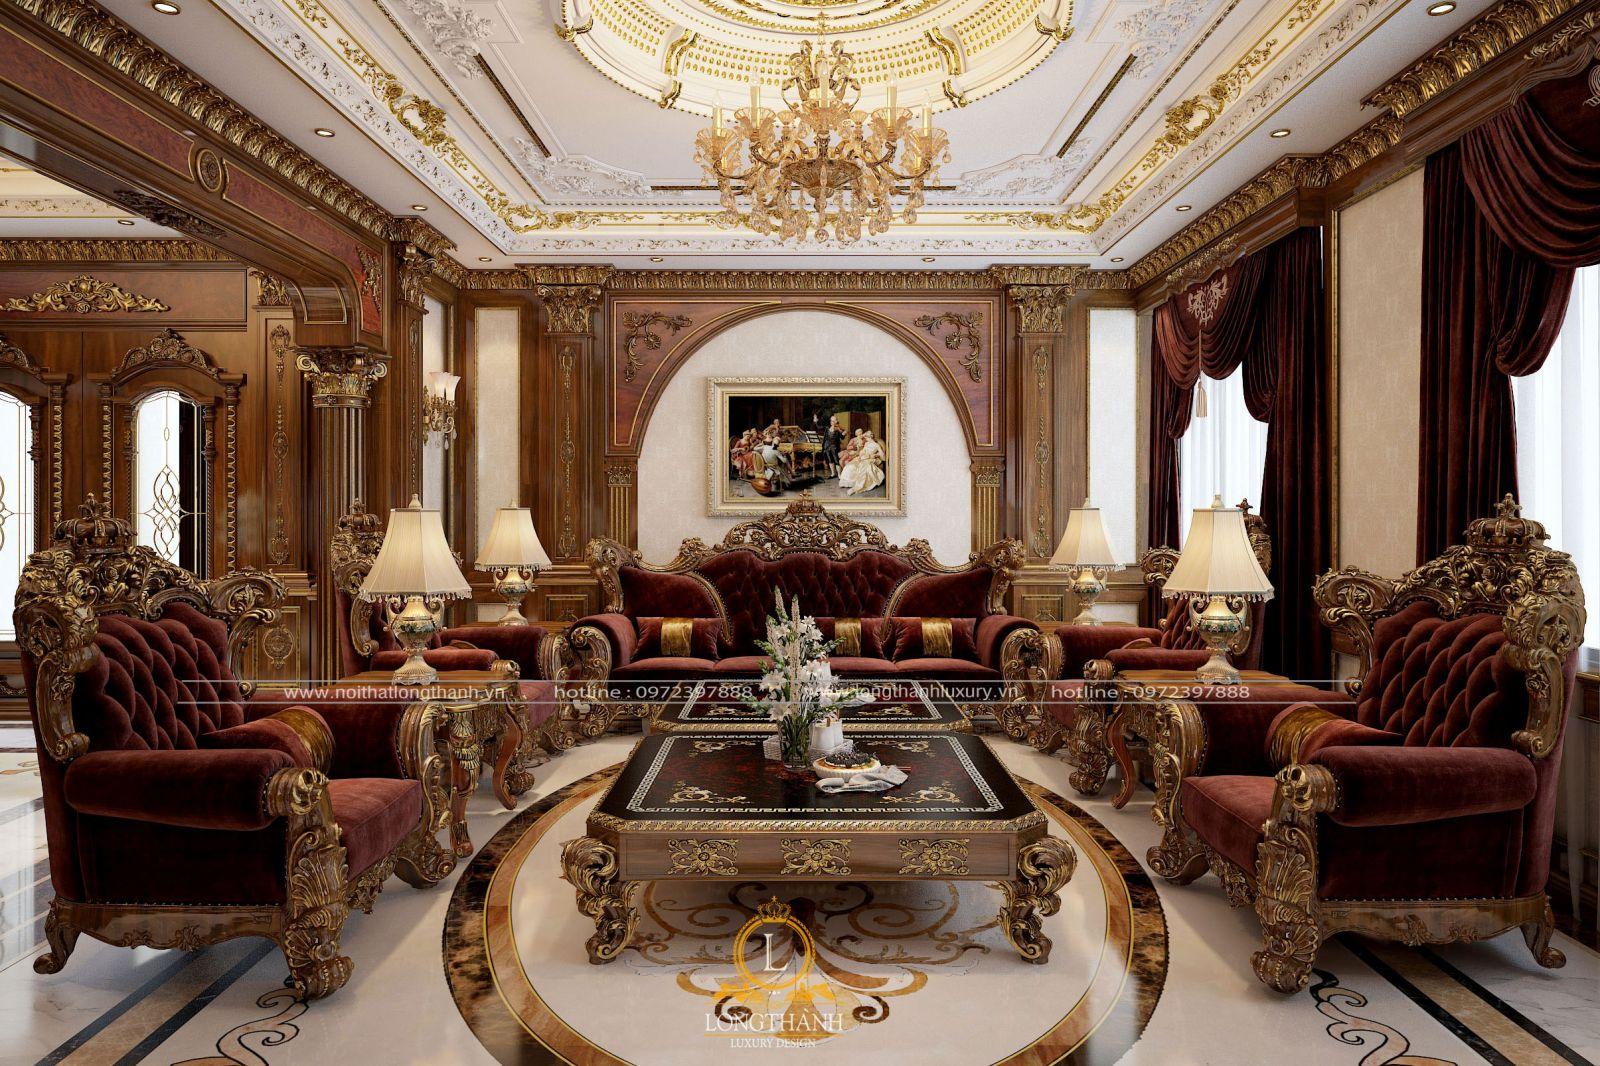 Bộ Sofa tân cổ điển với chất liệu gỗ Gõ đỏ bọc vải gấm cao cấp